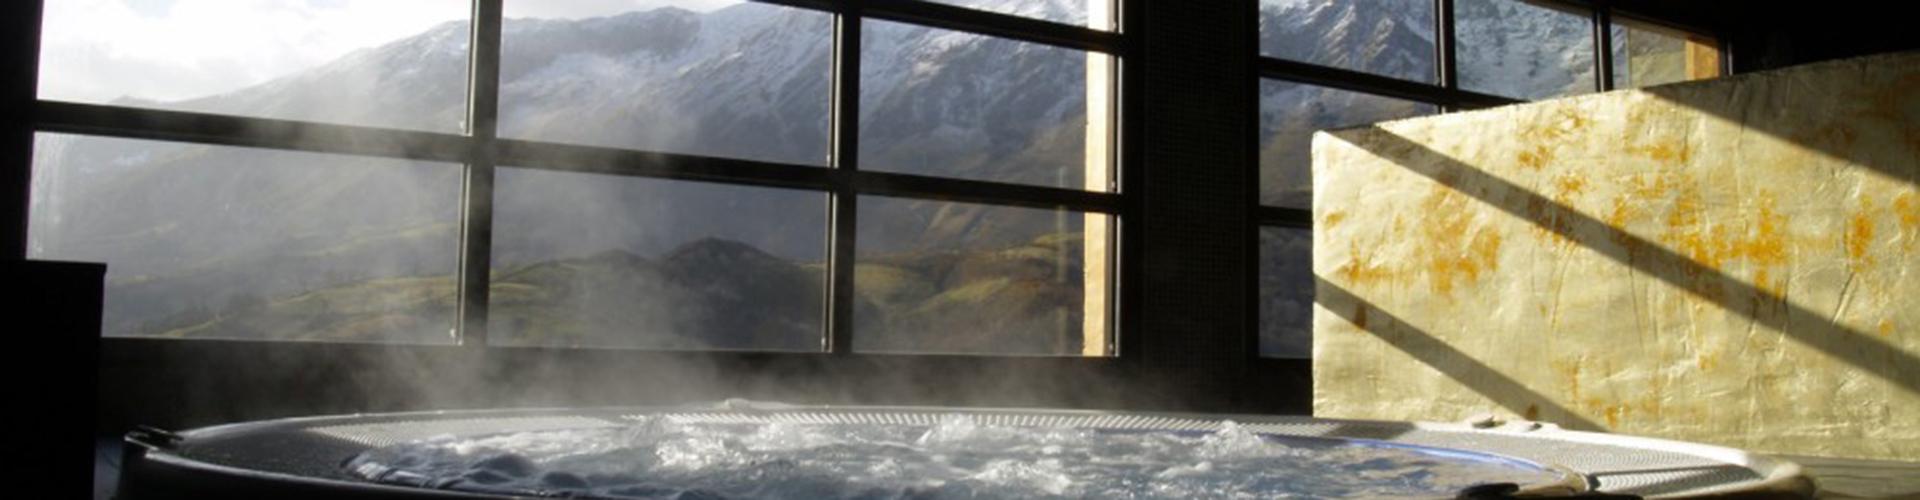 L'ALDEA SOÑADA DEL ANGLIRU. Jacuzzi con vistas a la montaña.